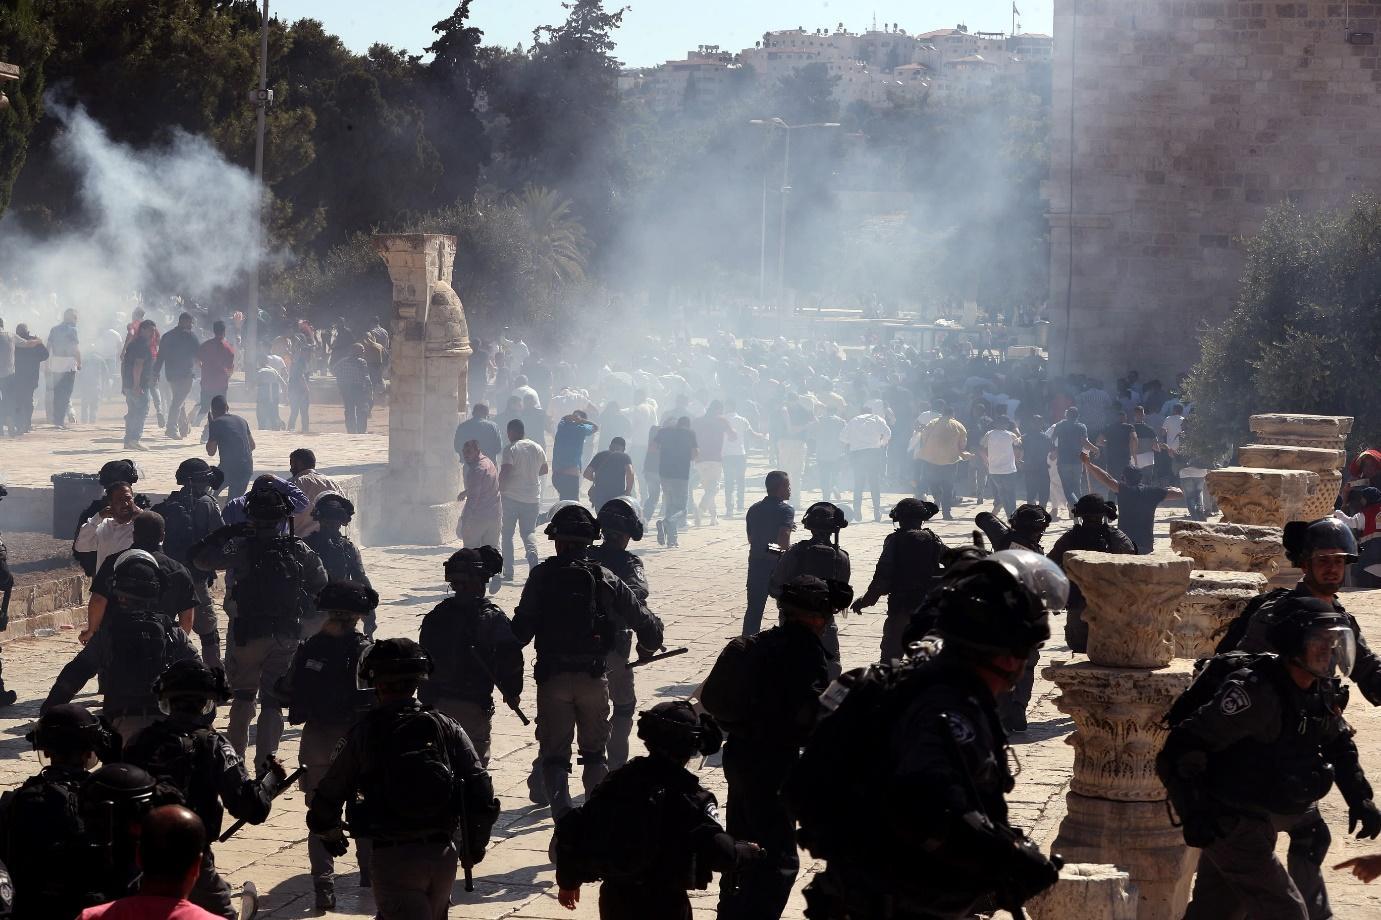 מיידים אבנים ומשליכים כיסאות: תיעוד המהומות בהר הבית   חדשות 13